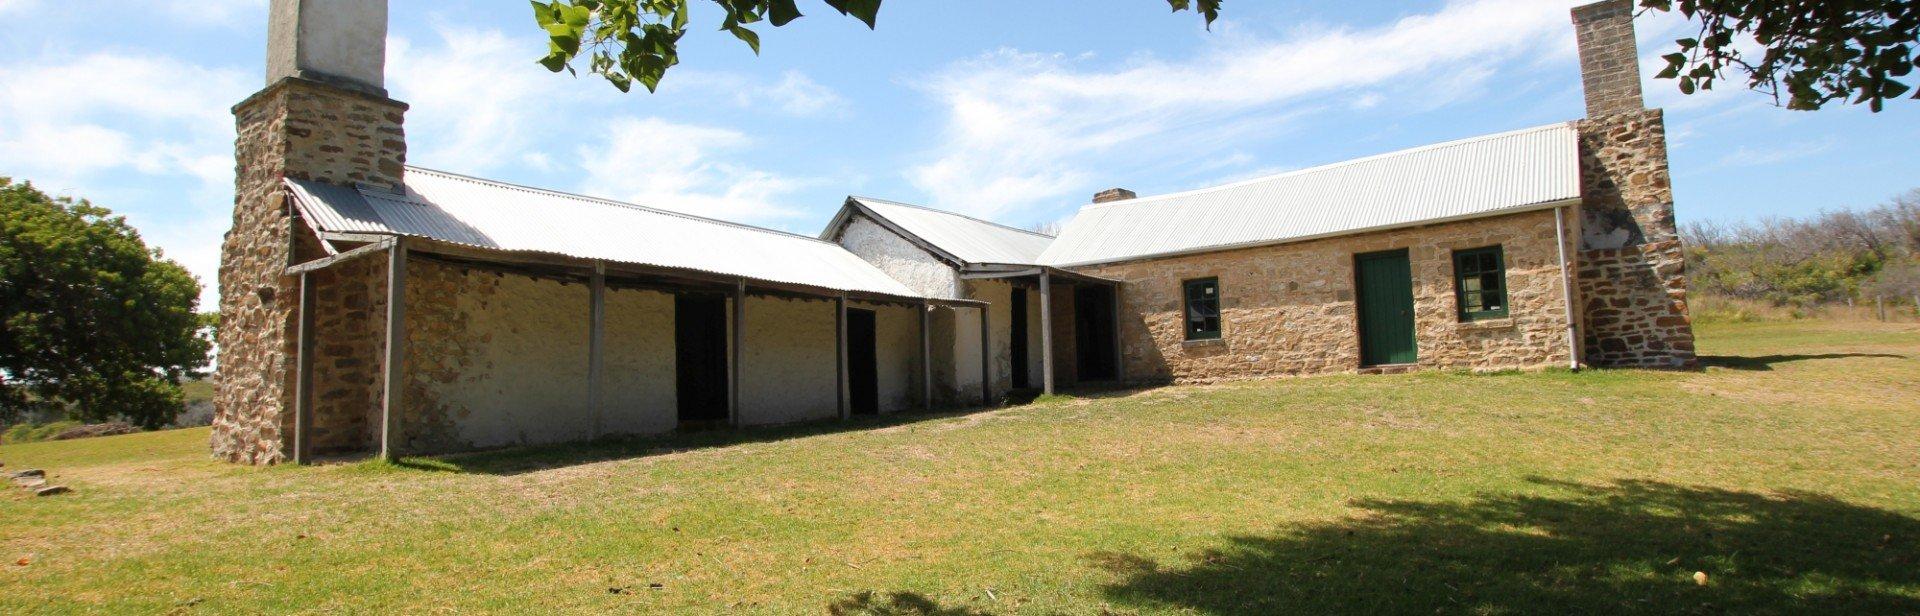 Ellensbrook at Mokidup, Margaret River